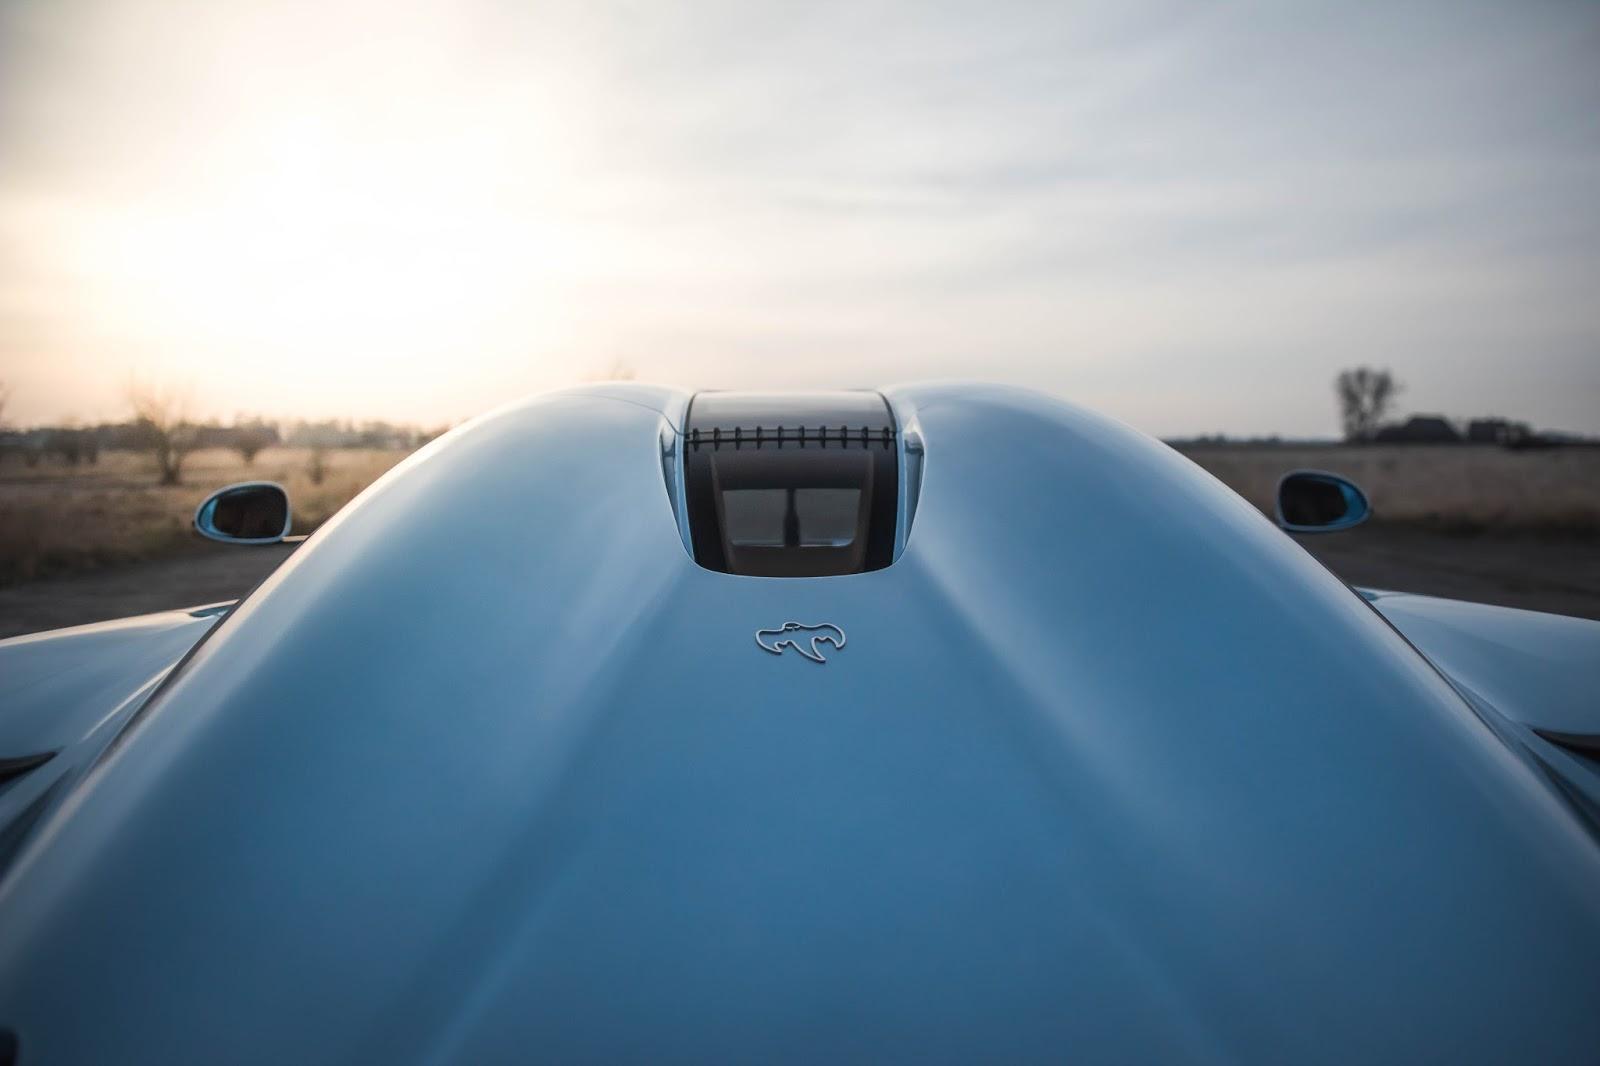 Regera Airstrip2 Υποκλιθείτε μπροστά στον καινούργιο βασιλιά Koenigsegg, Koenigsegg Regera, Koenigsegg Regera Megacar, Megacar, Regera, zblog